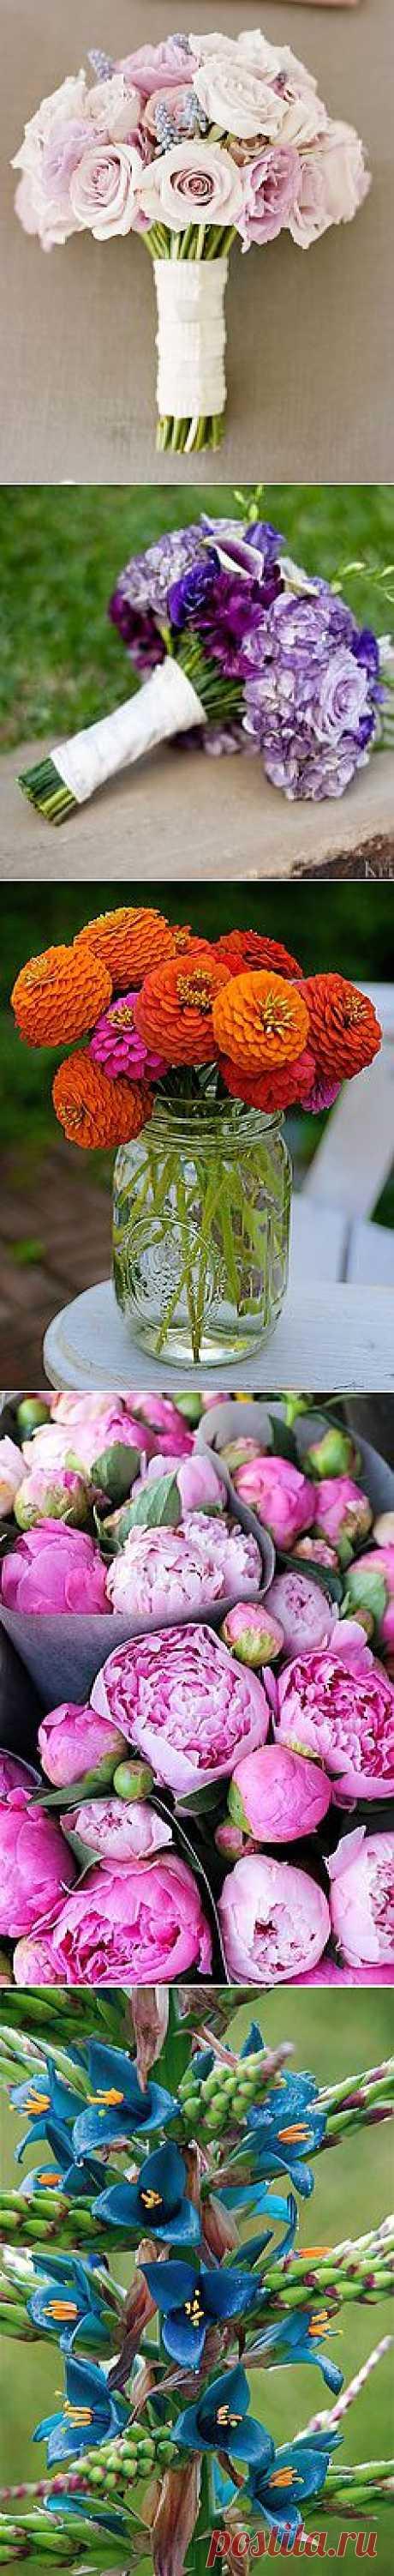 12 Stunning Wedding Bouquets - Part 20 | bellethemagazine.com | Dream